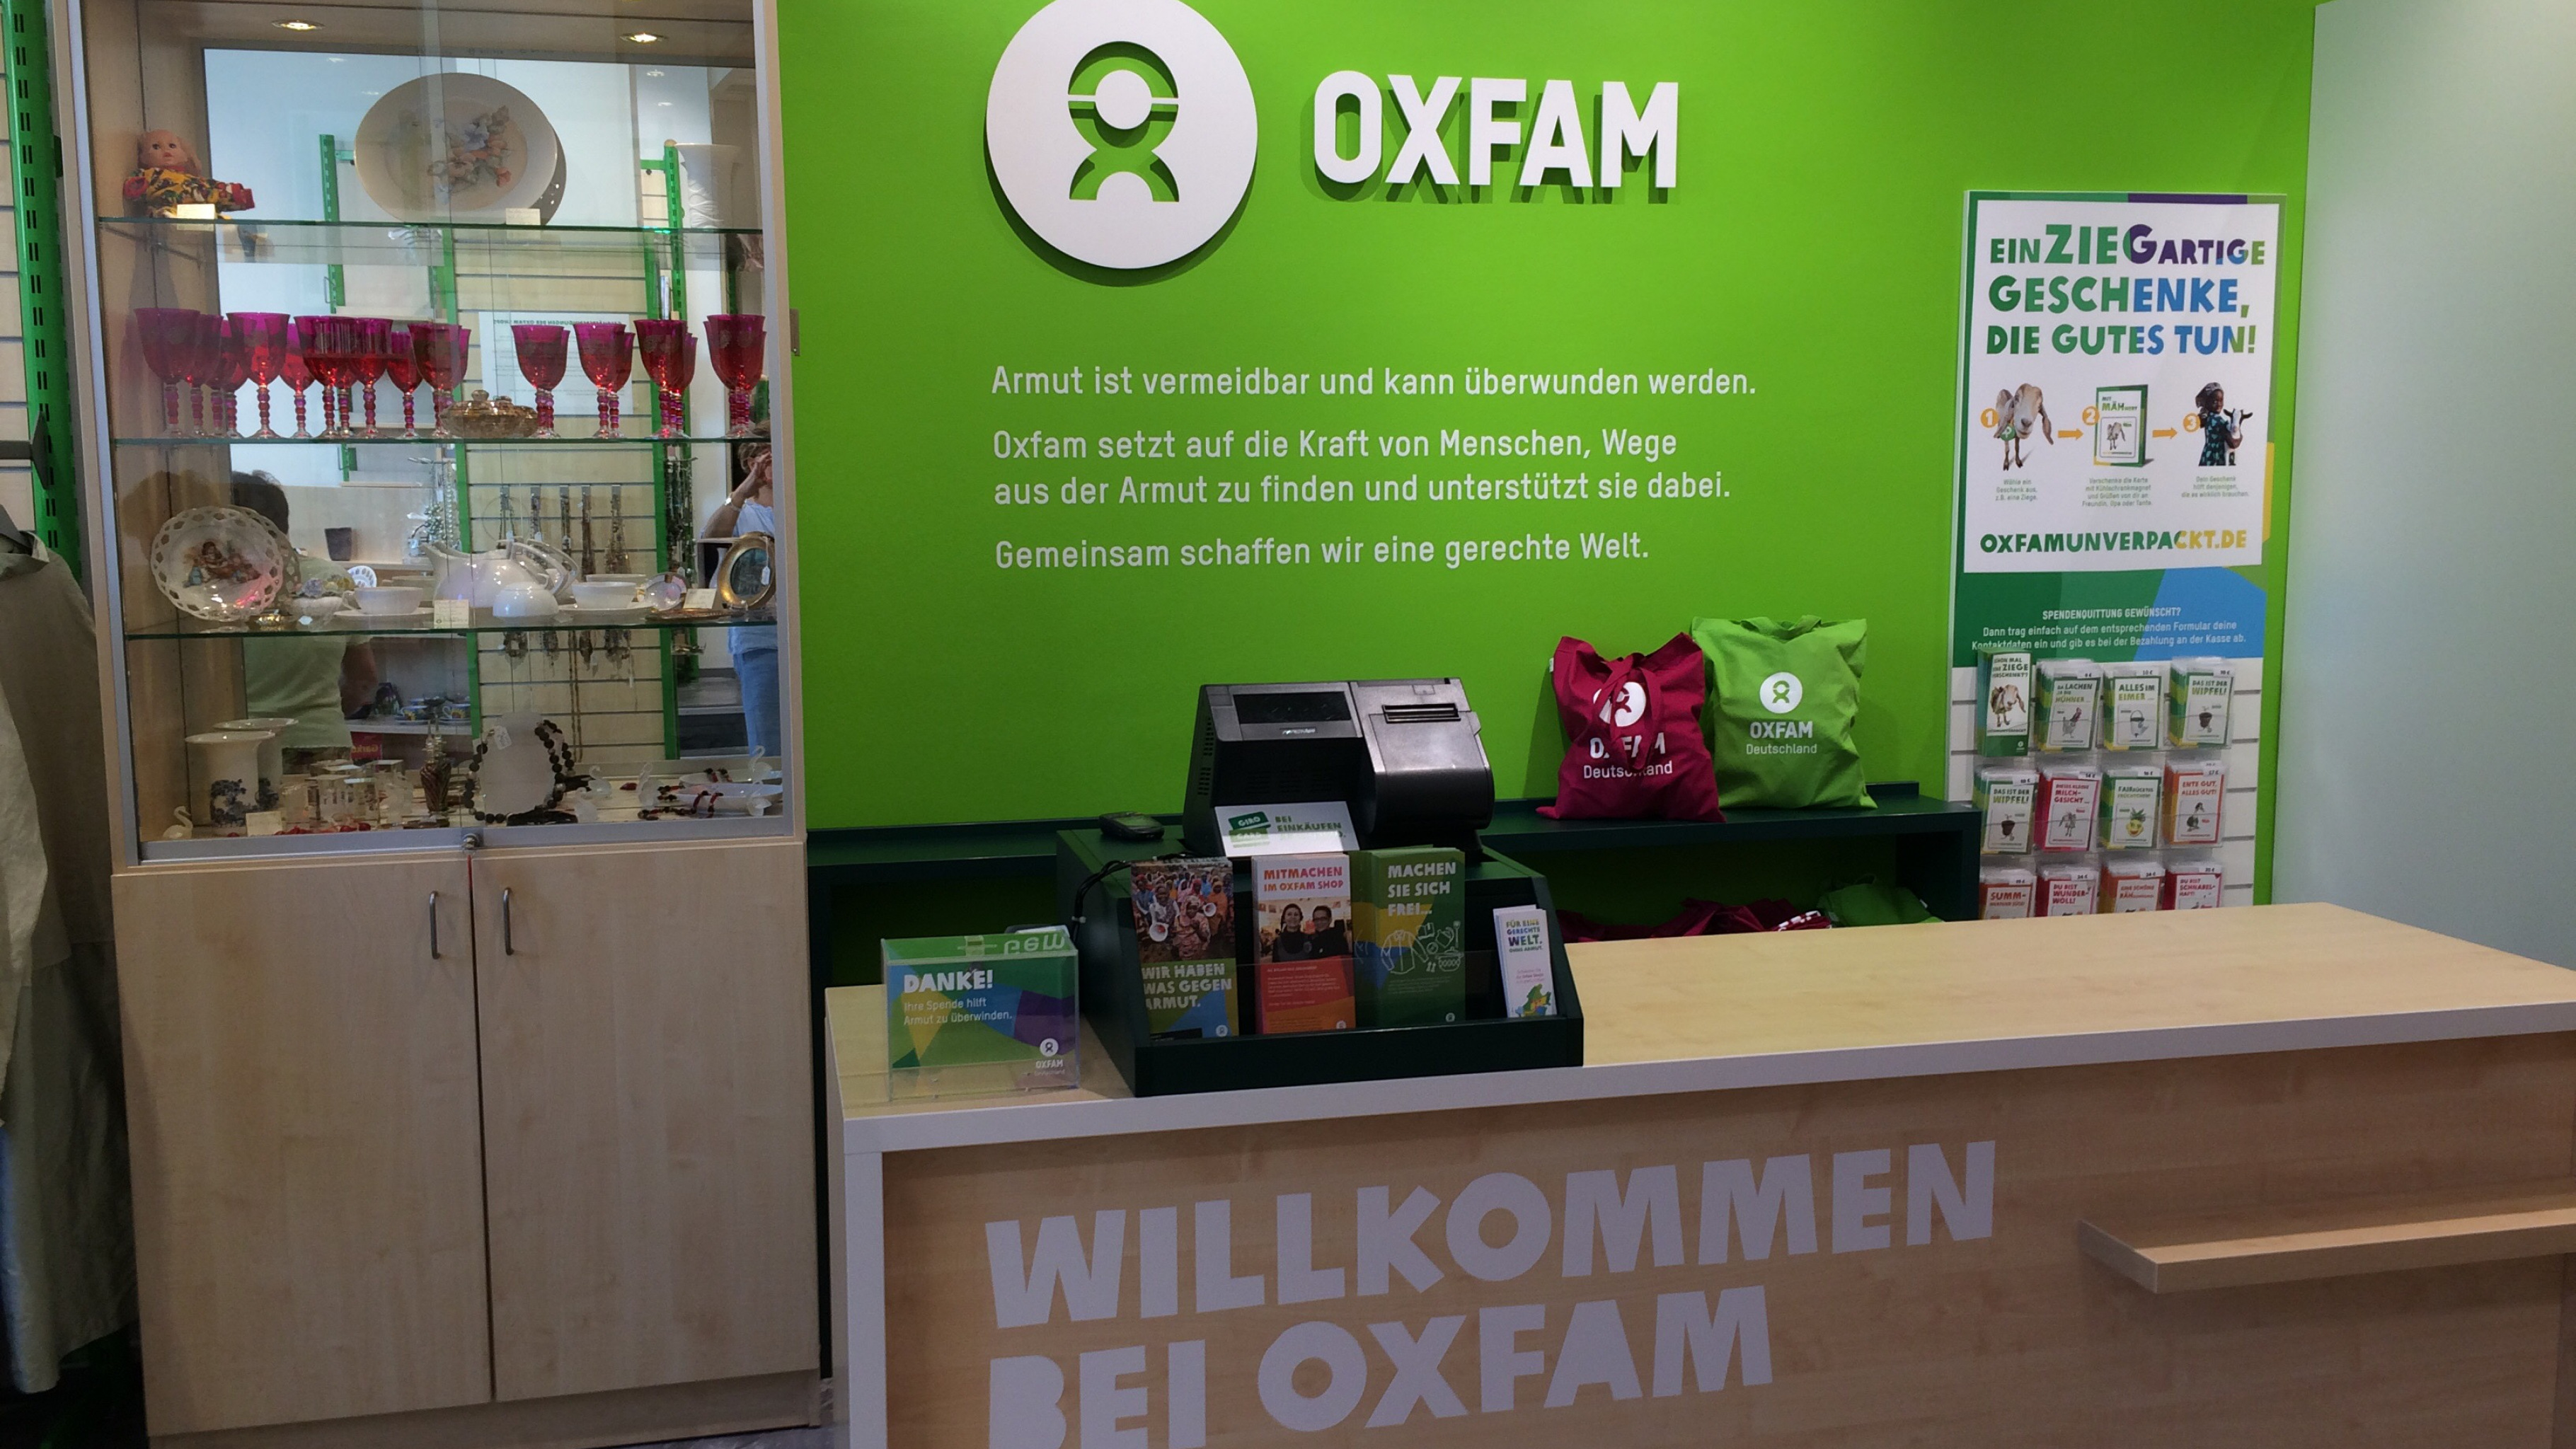 Oxfam Shop Frankfurt-Bornheim - Innenansicht